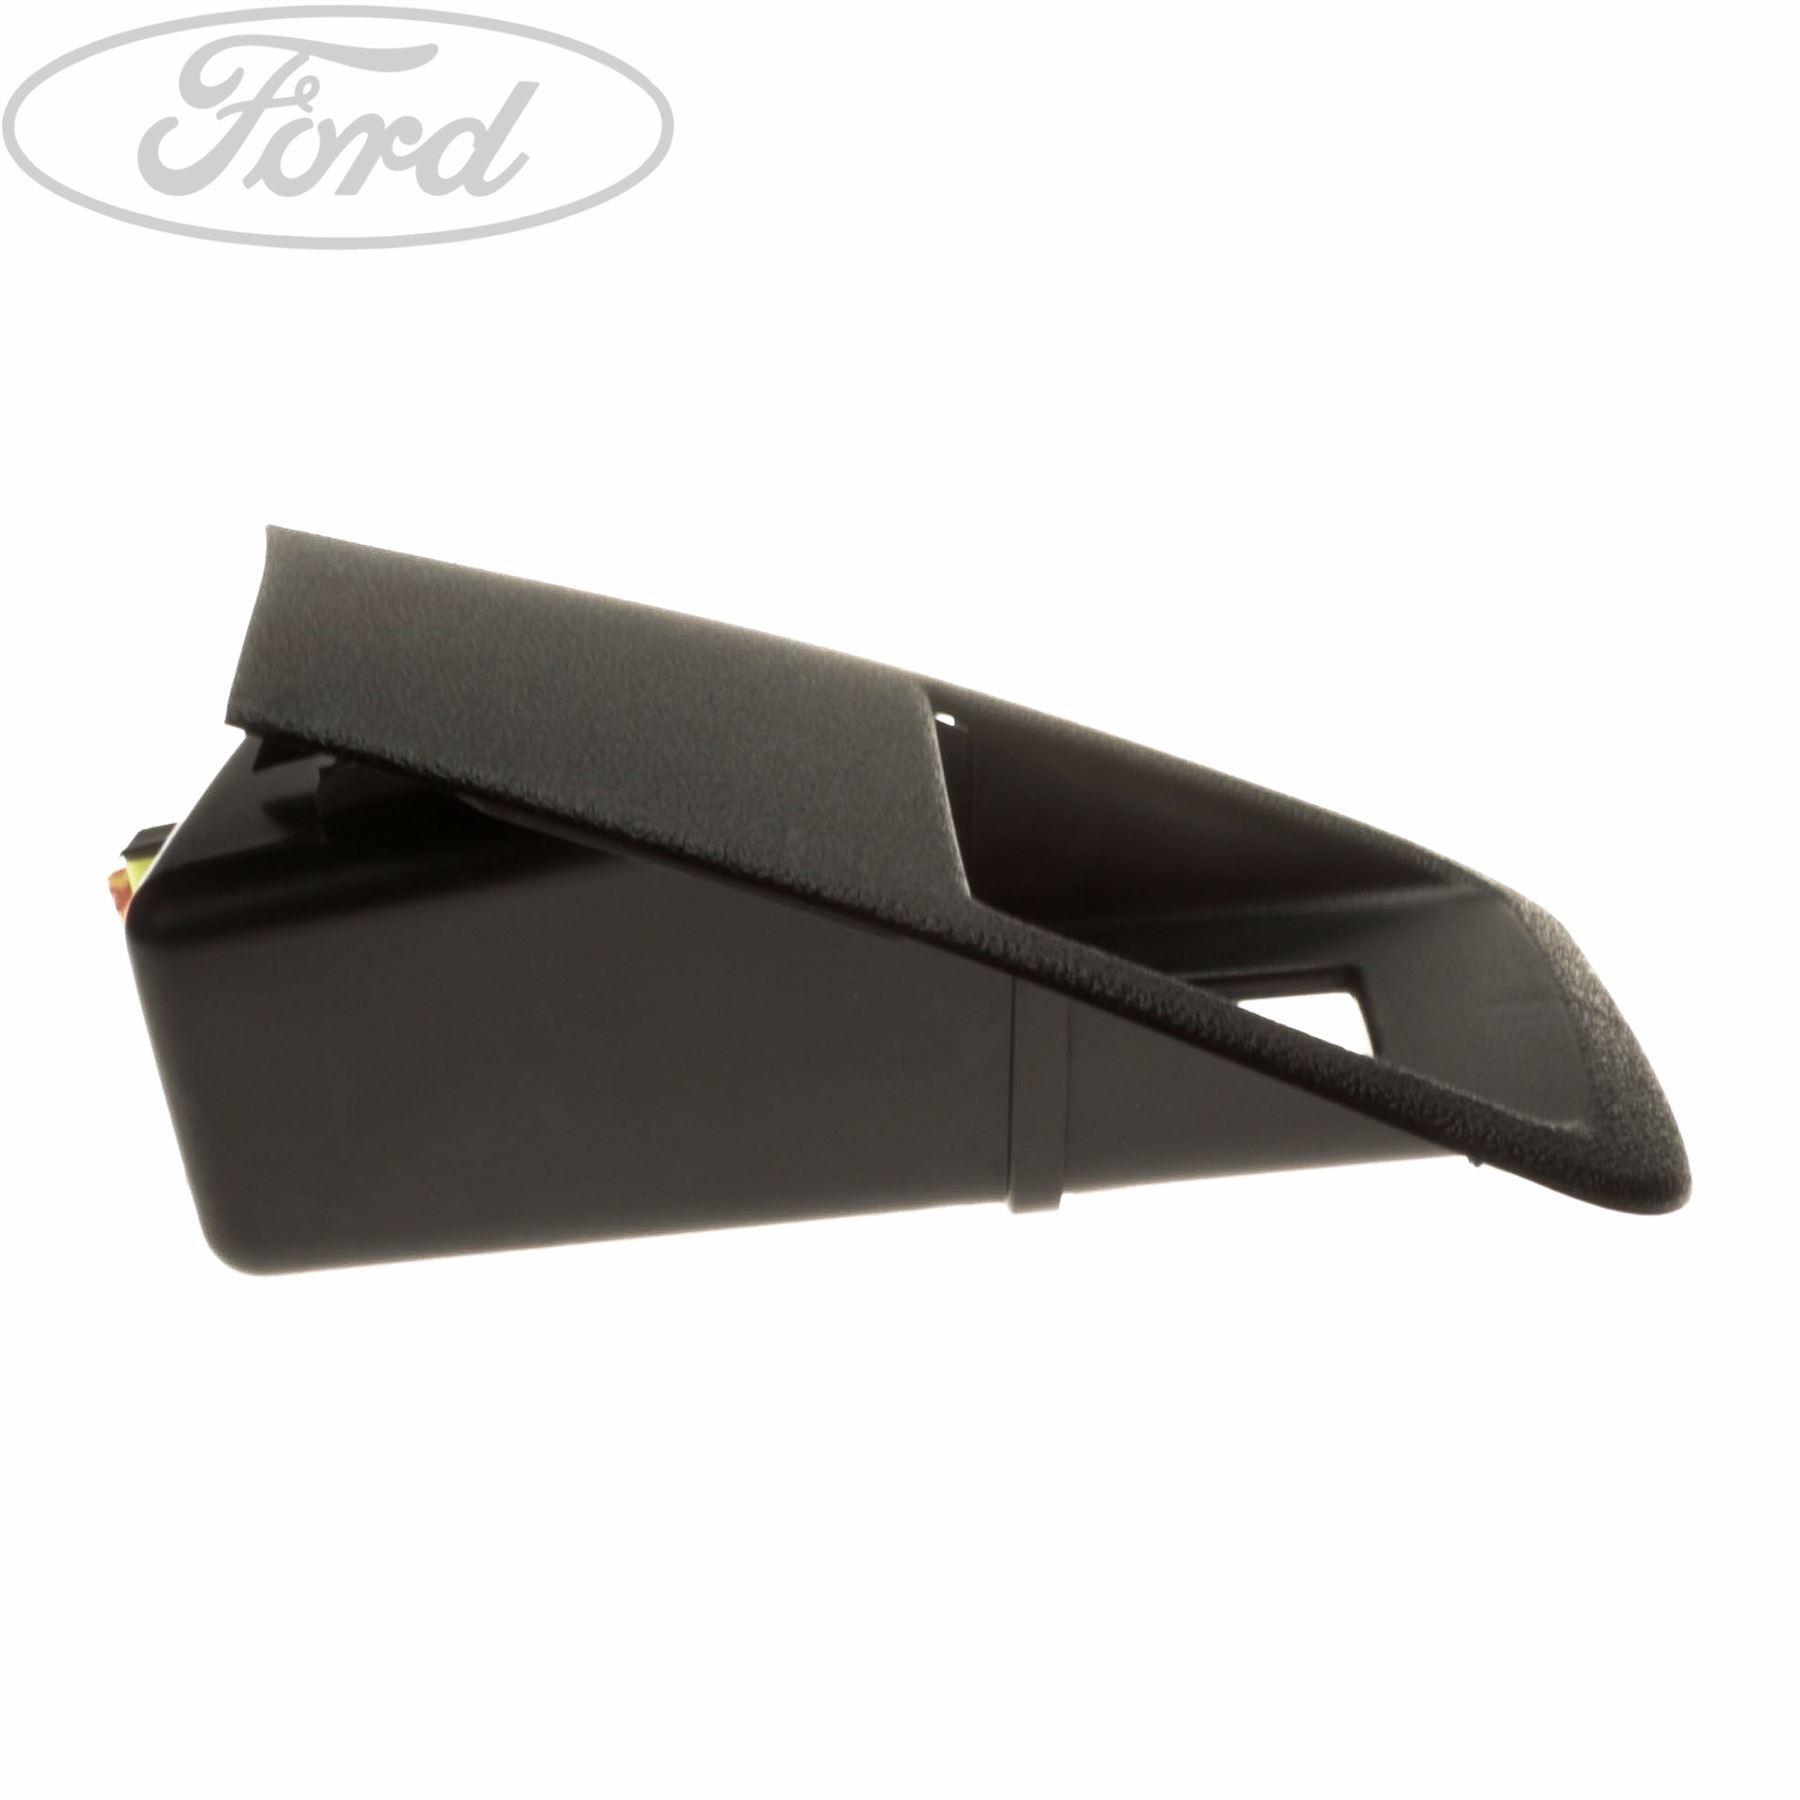 Genuine-Ford-KA-MK1-Fuse-Box-Cover-1376792